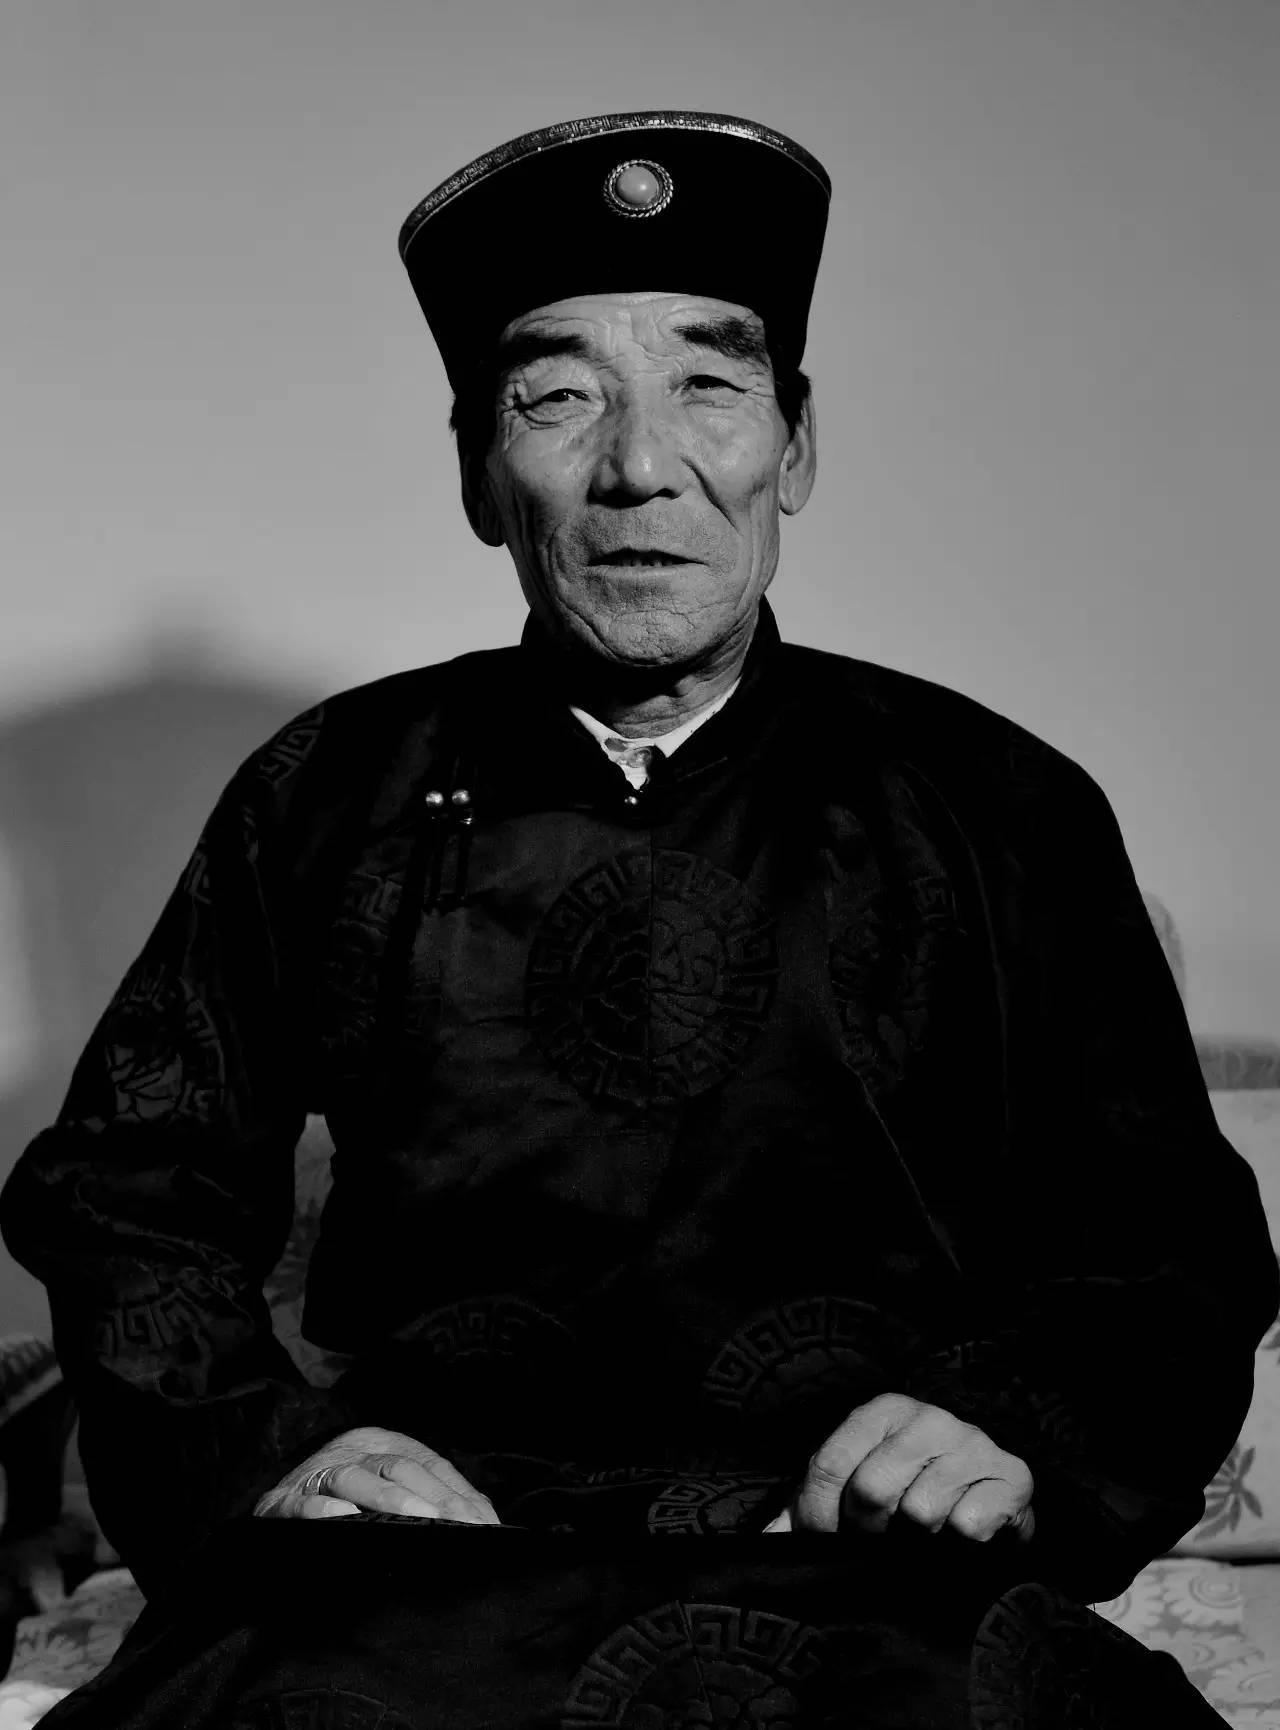 【ANU美图】摄影师吉雅:传统蒙古族牧民黑白纪实作品欣赏 第9张